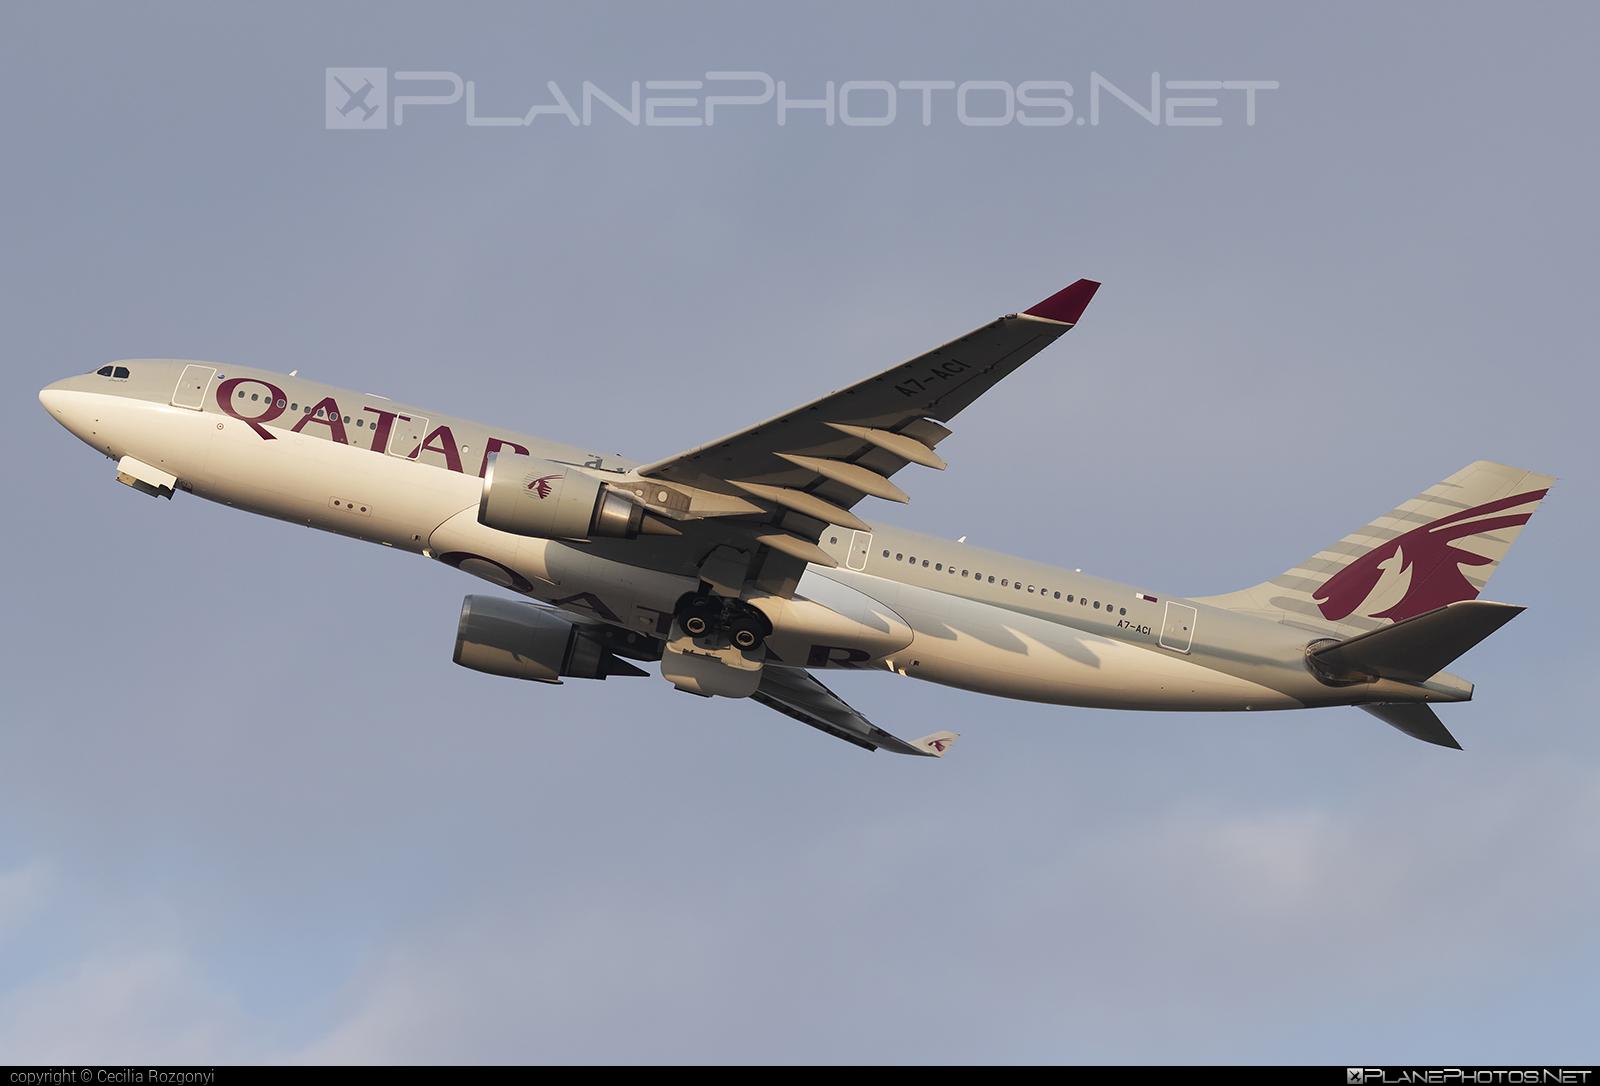 Airbus A330-202 - A7-ACI operated by Qatar Airways #a330 #a330family #airbus #airbus330 #qatarairways